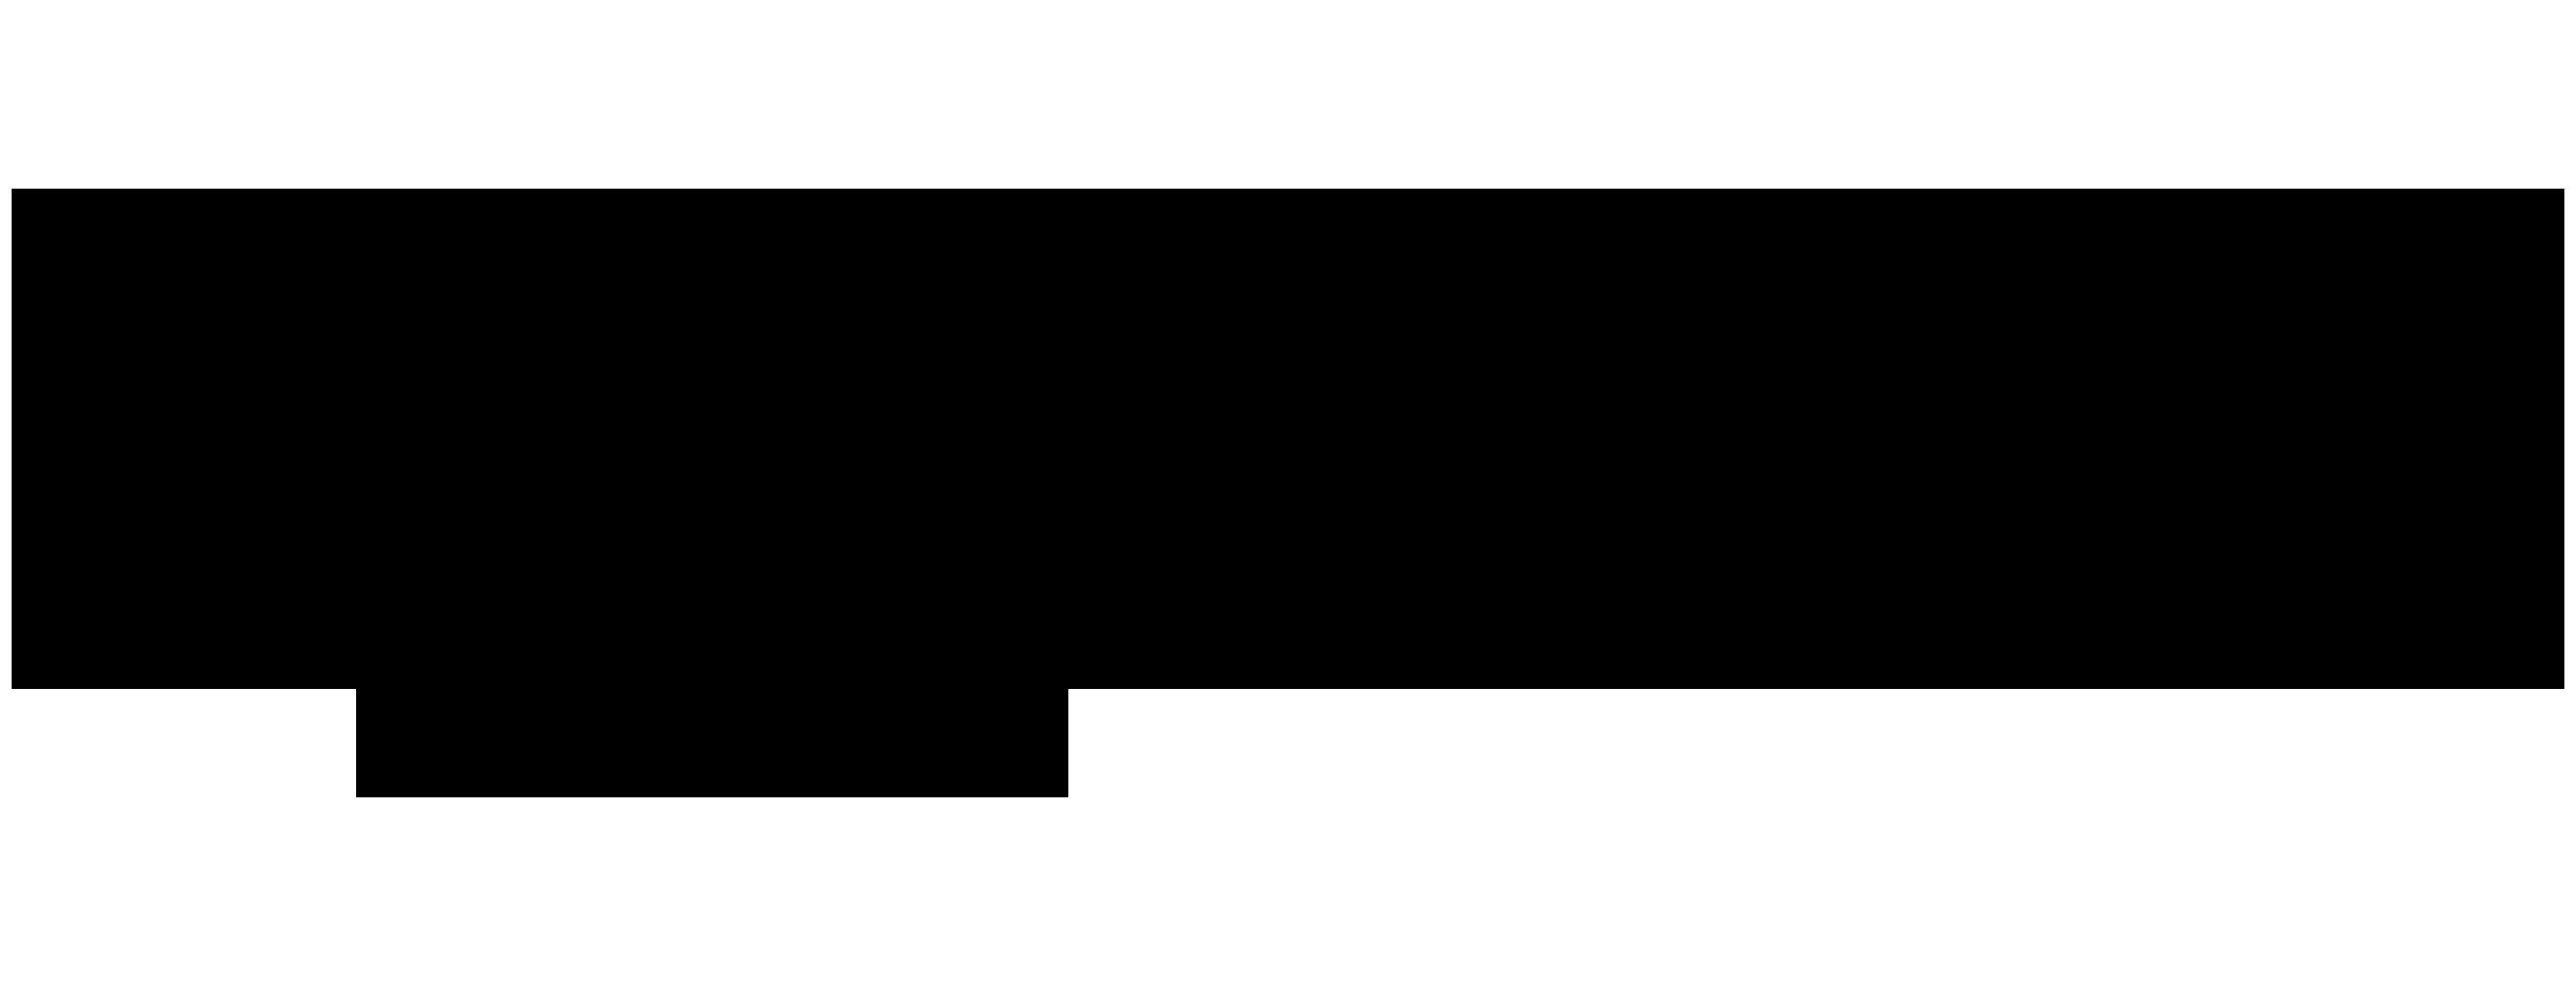 digiazma